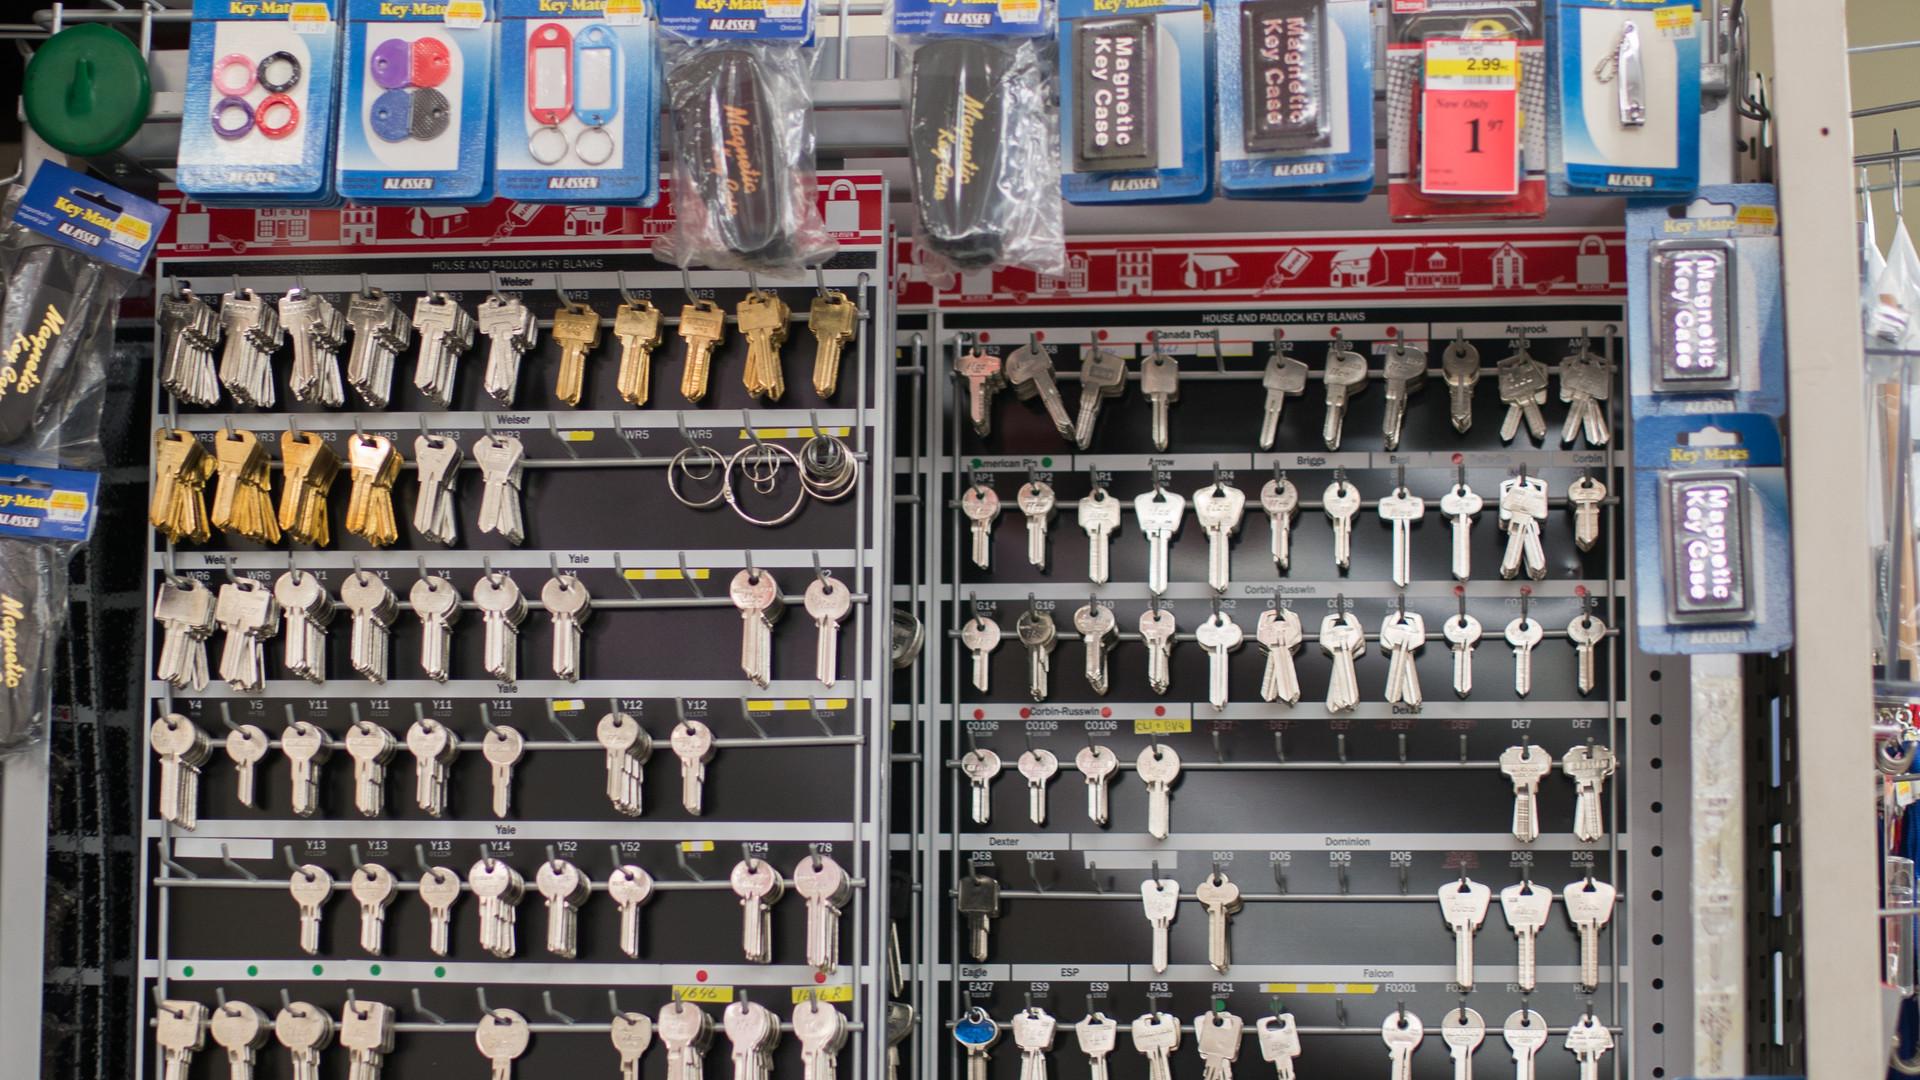 We cut keys